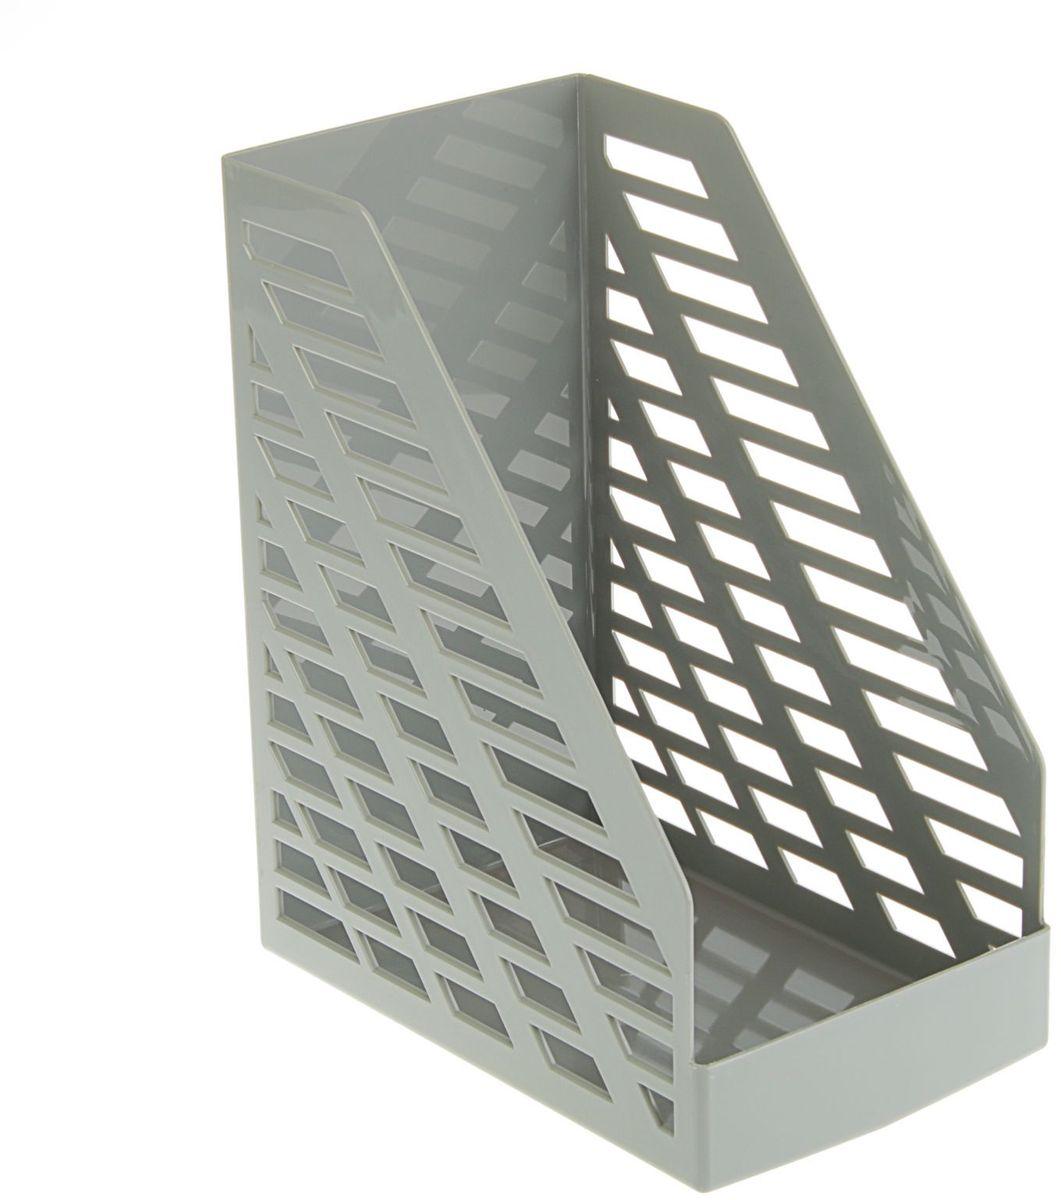 Стамм Лоток для бумаг вертикальный XXL цвет серый 1889792 -  Лотки, подставки для бумаг